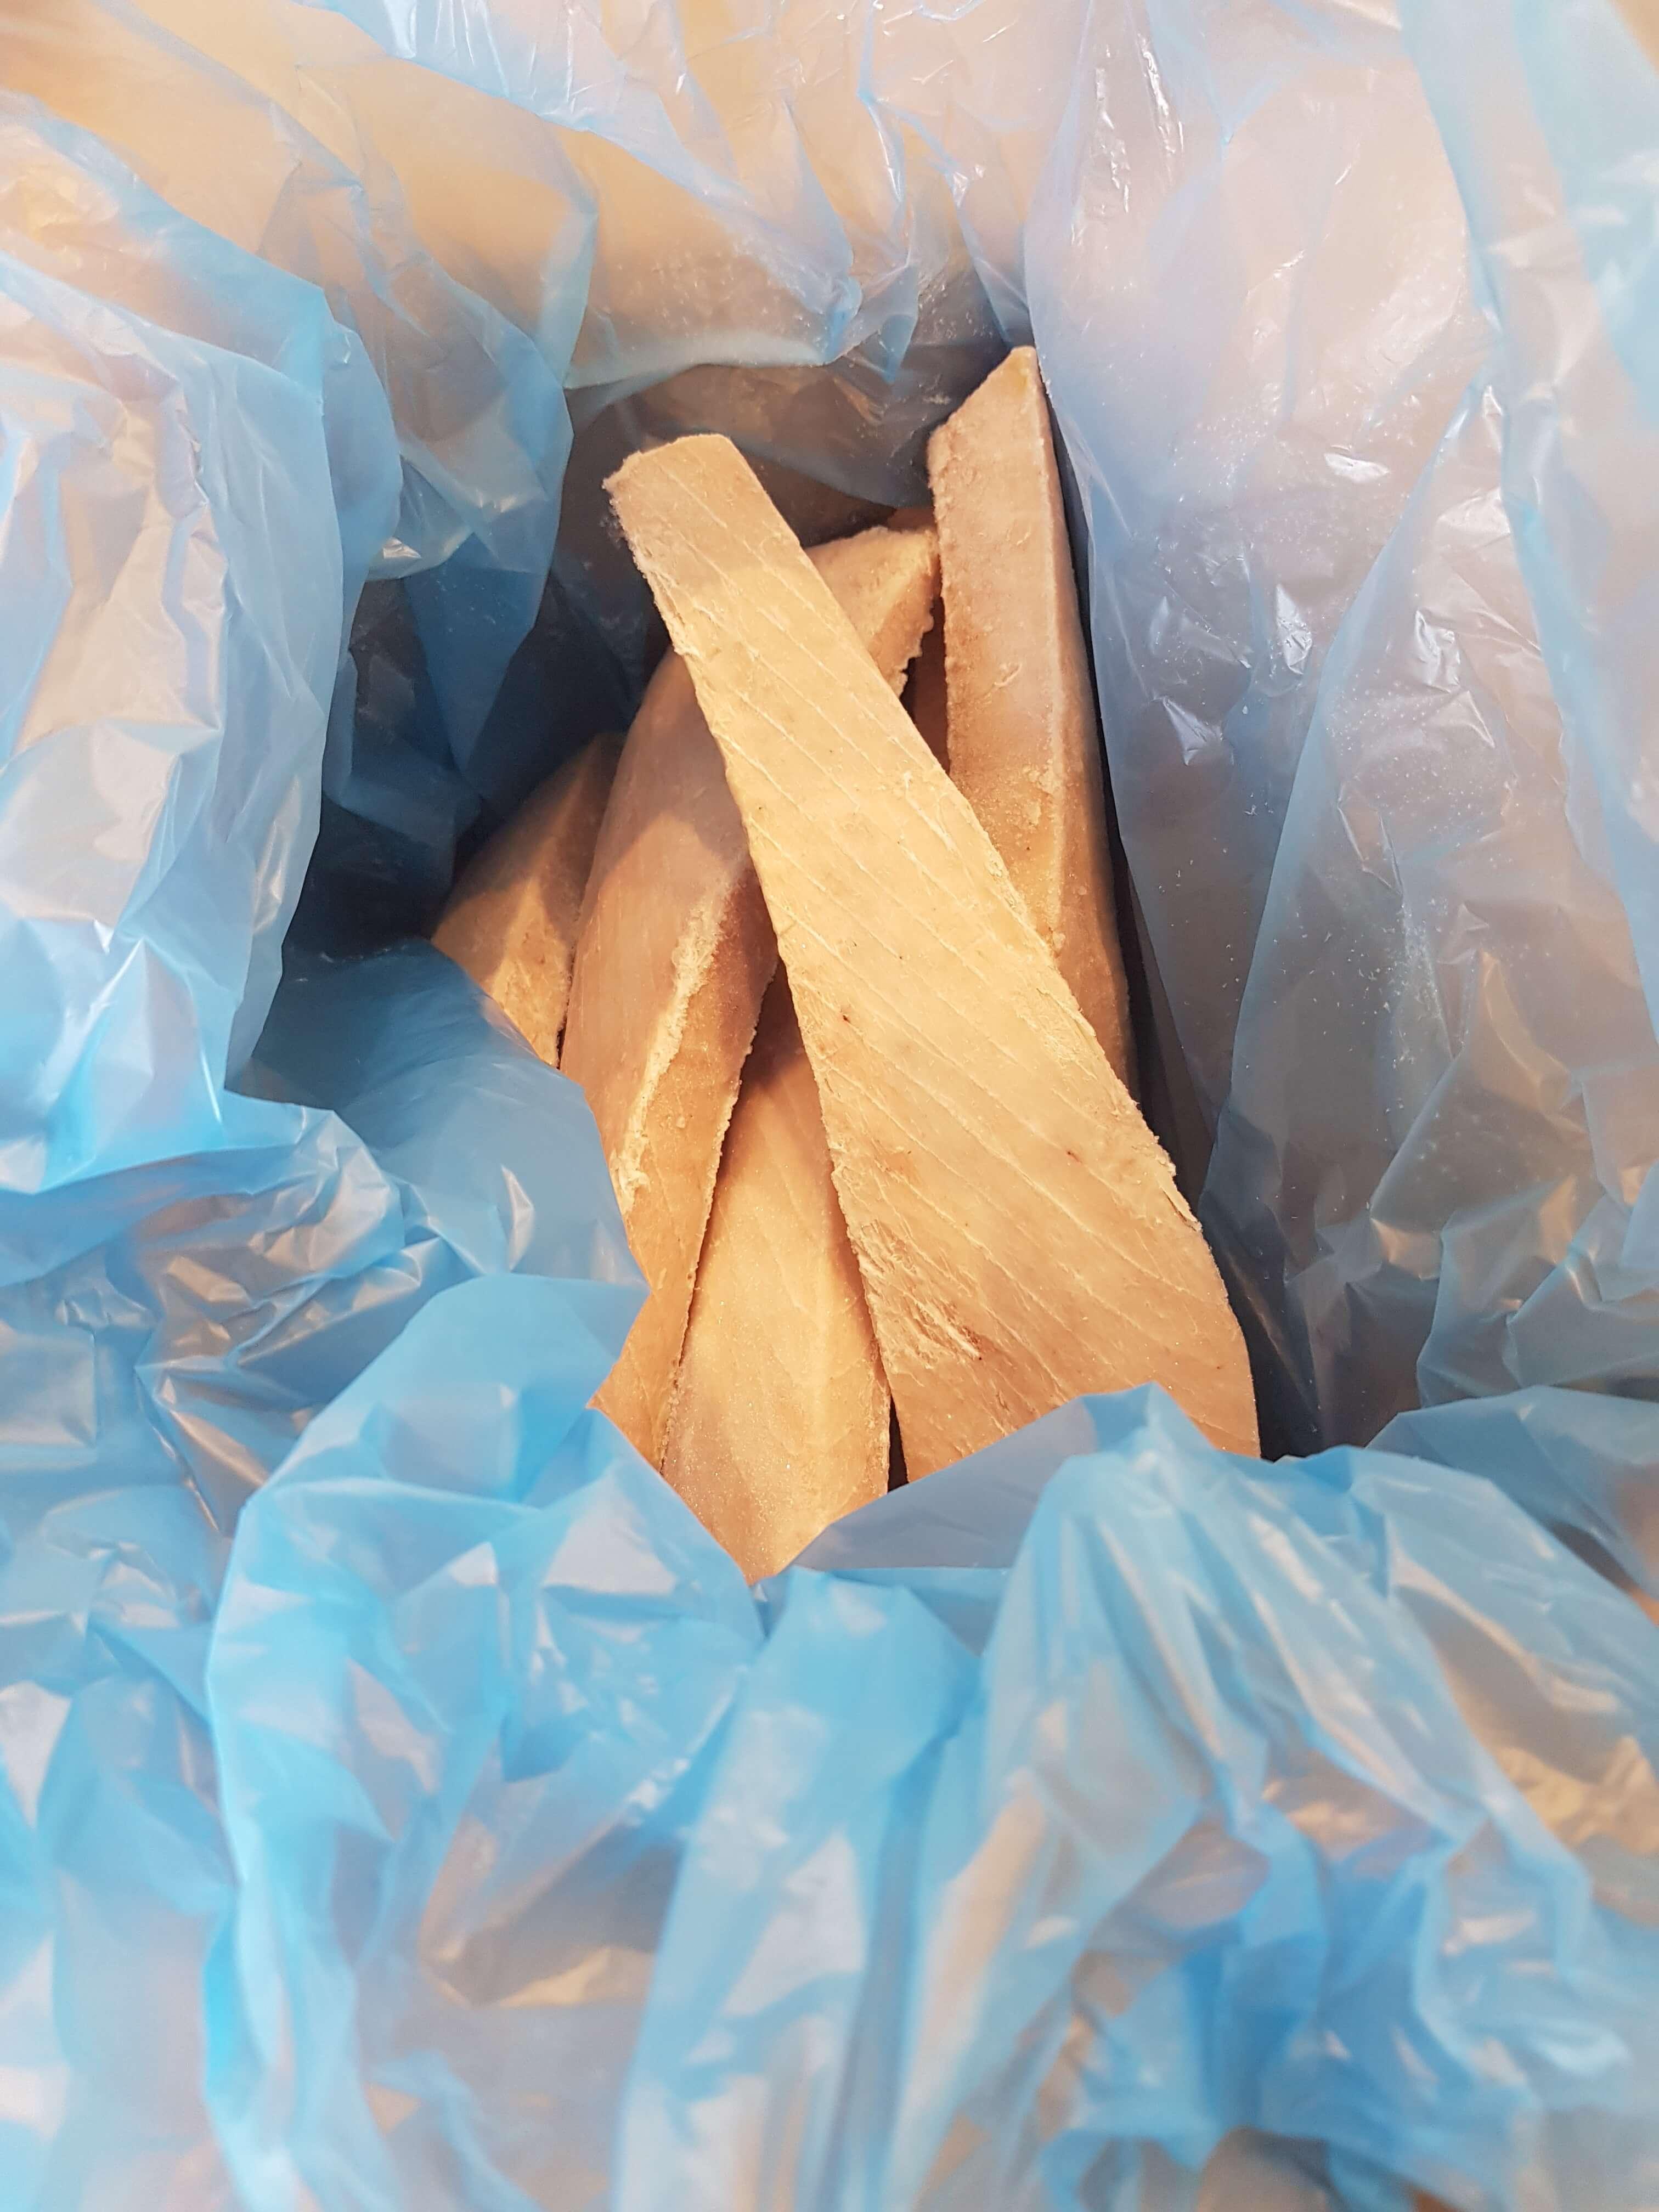 Ventrèche de thon albacore - 2 kg - 17 caisse